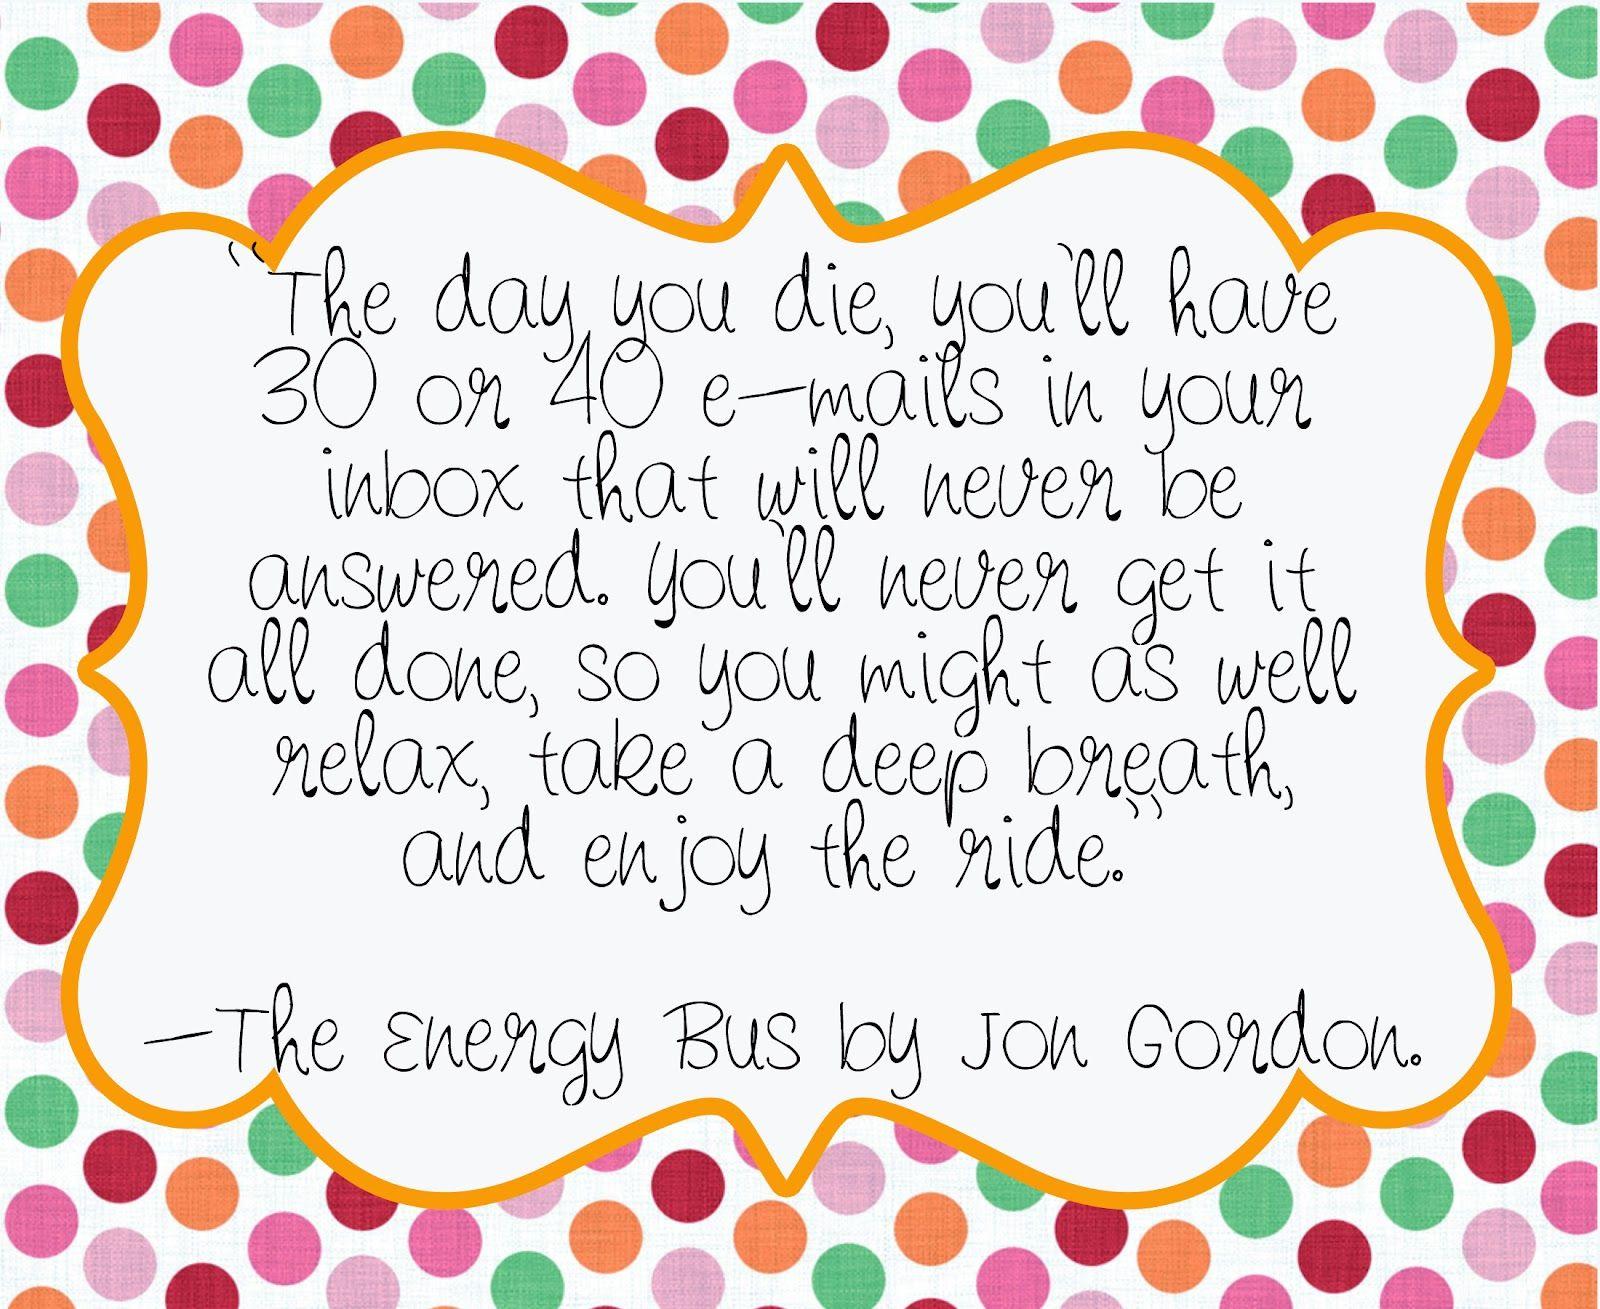 The Energy Bus Quotes Unique Energybuspage144 1600×1309 Pixels  No Energy Vampires